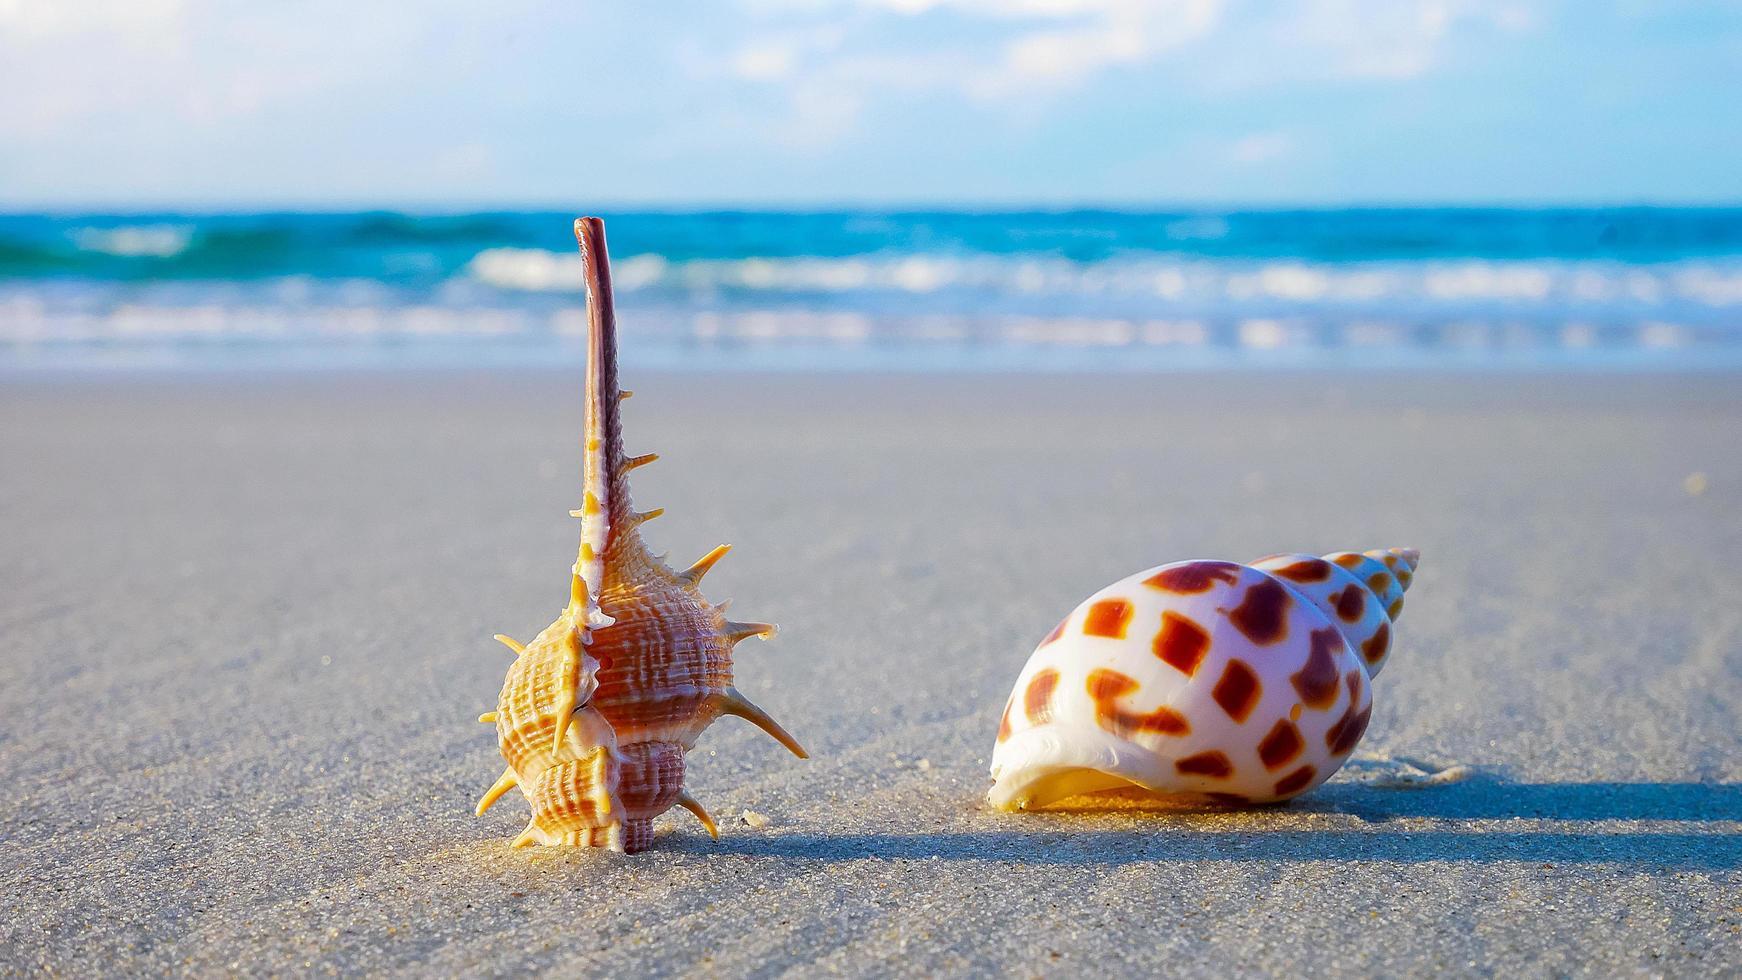 conchiglie colorate sulla spiaggia in estate foto